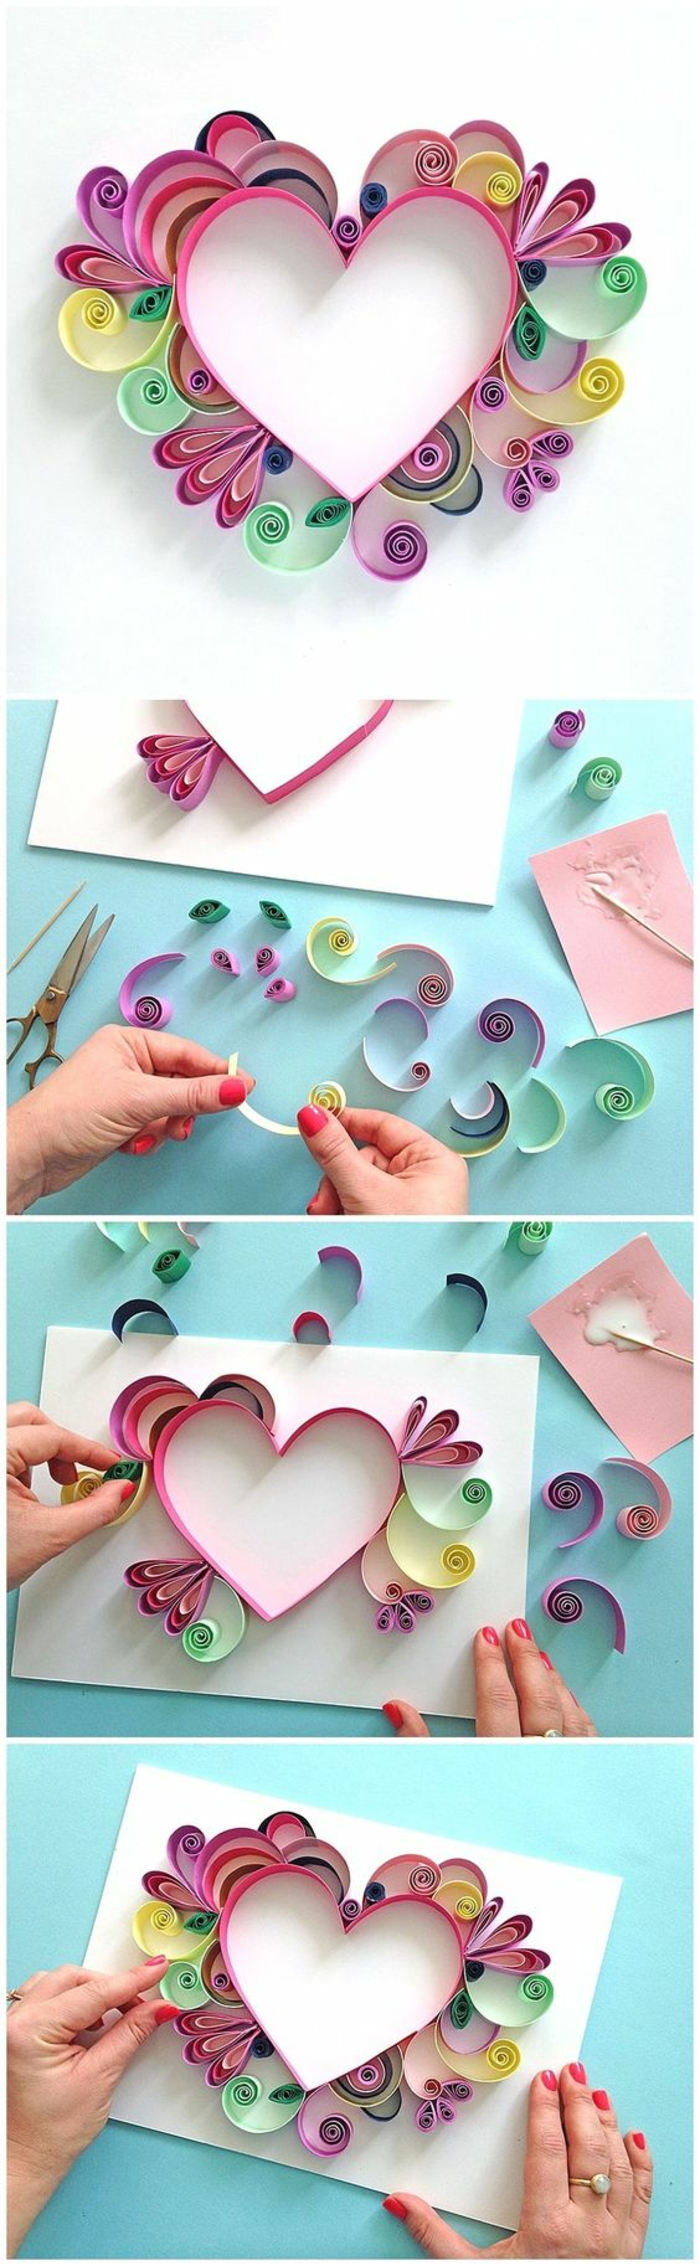 bastelideen mit anleitung in bildern, papierbasteln mit bunten farben deko zum nachmachen